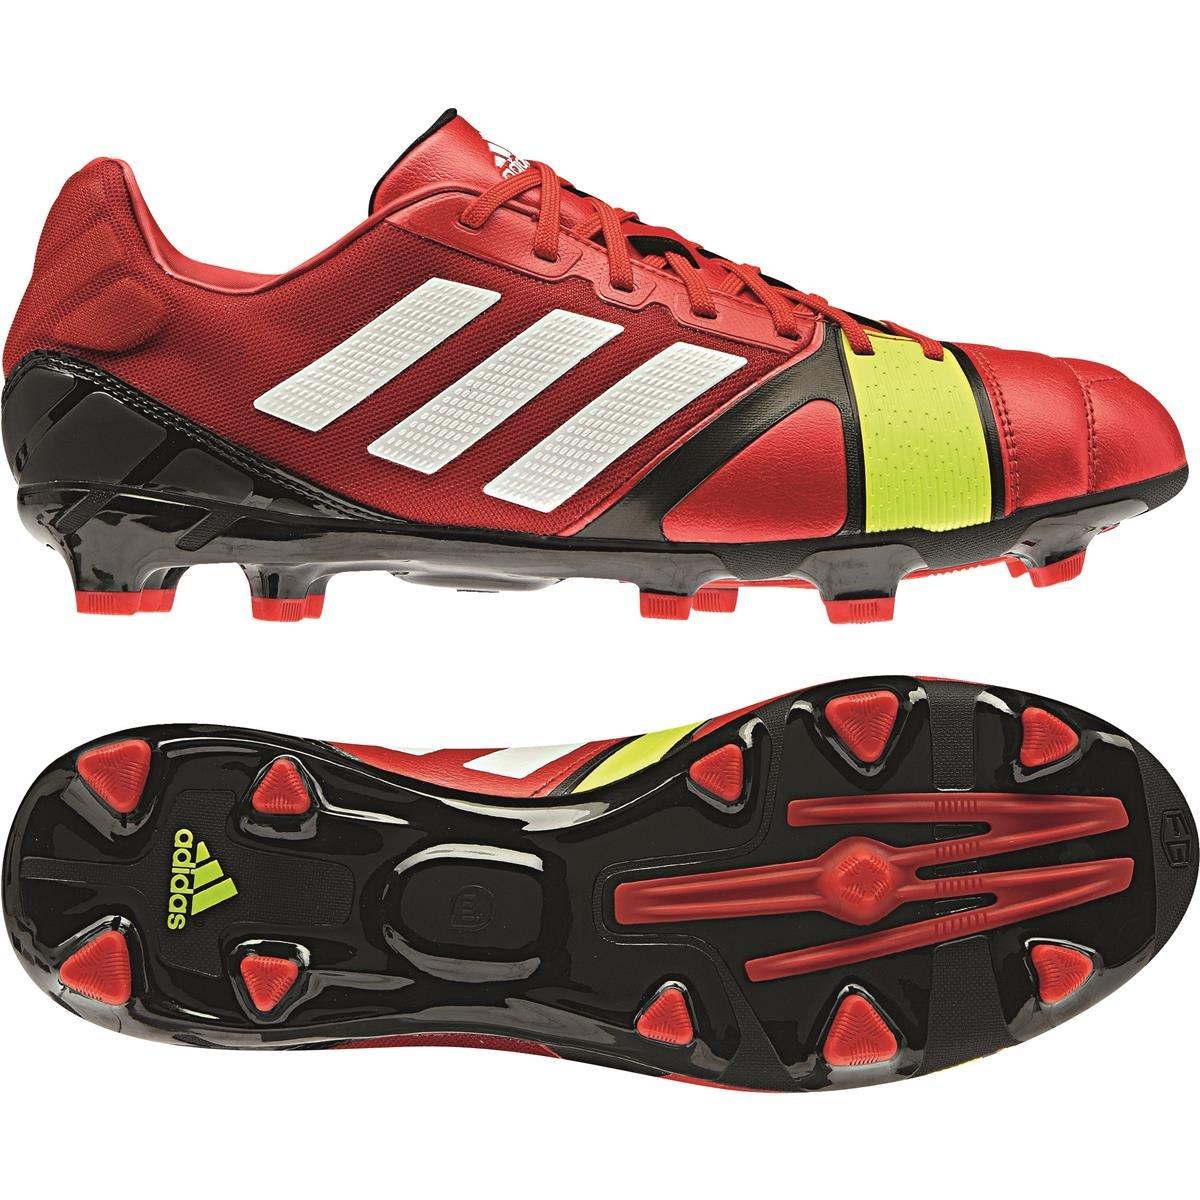 Adidas nitrocharge 2.0 FG Fußballschuh Herren 6.0 UK - 39.1 3 EU